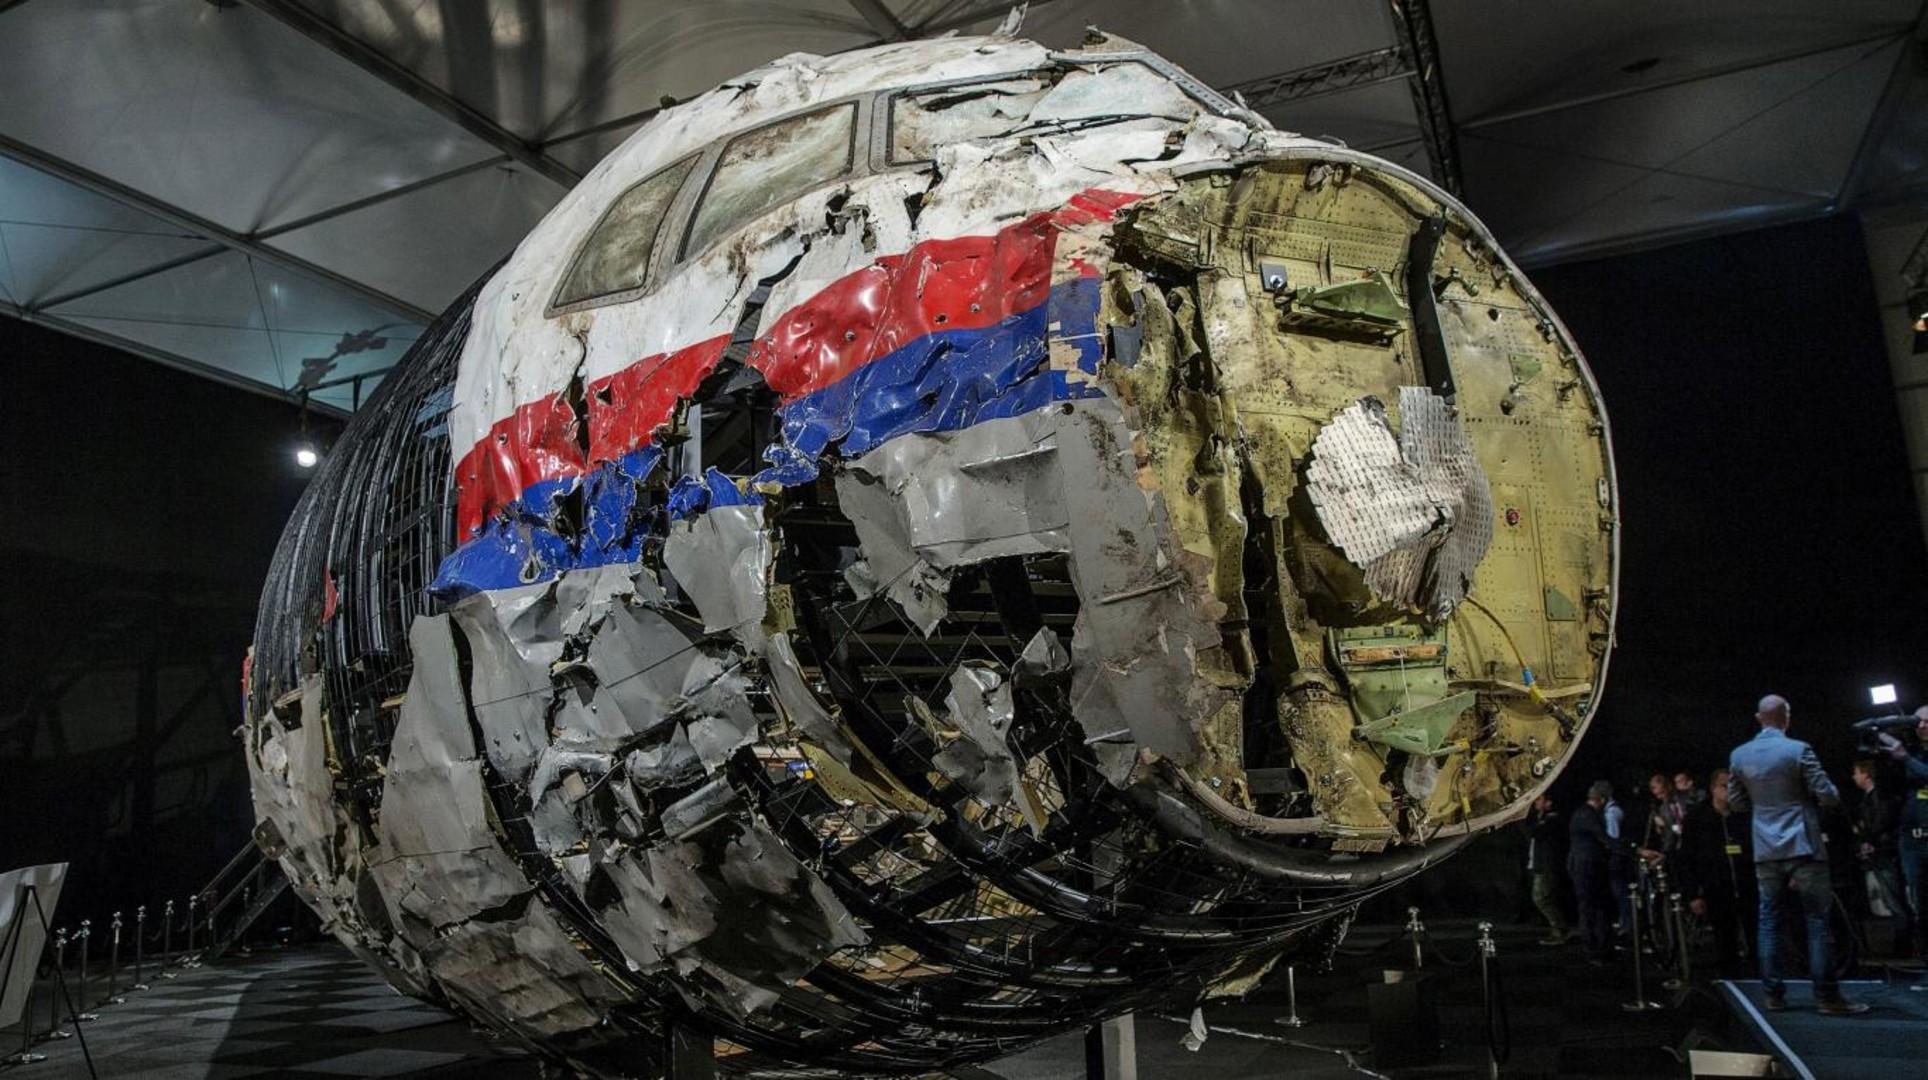 Justicia de Países Bajos adelanta investigación contra Ucrania por avión derribado en 2014